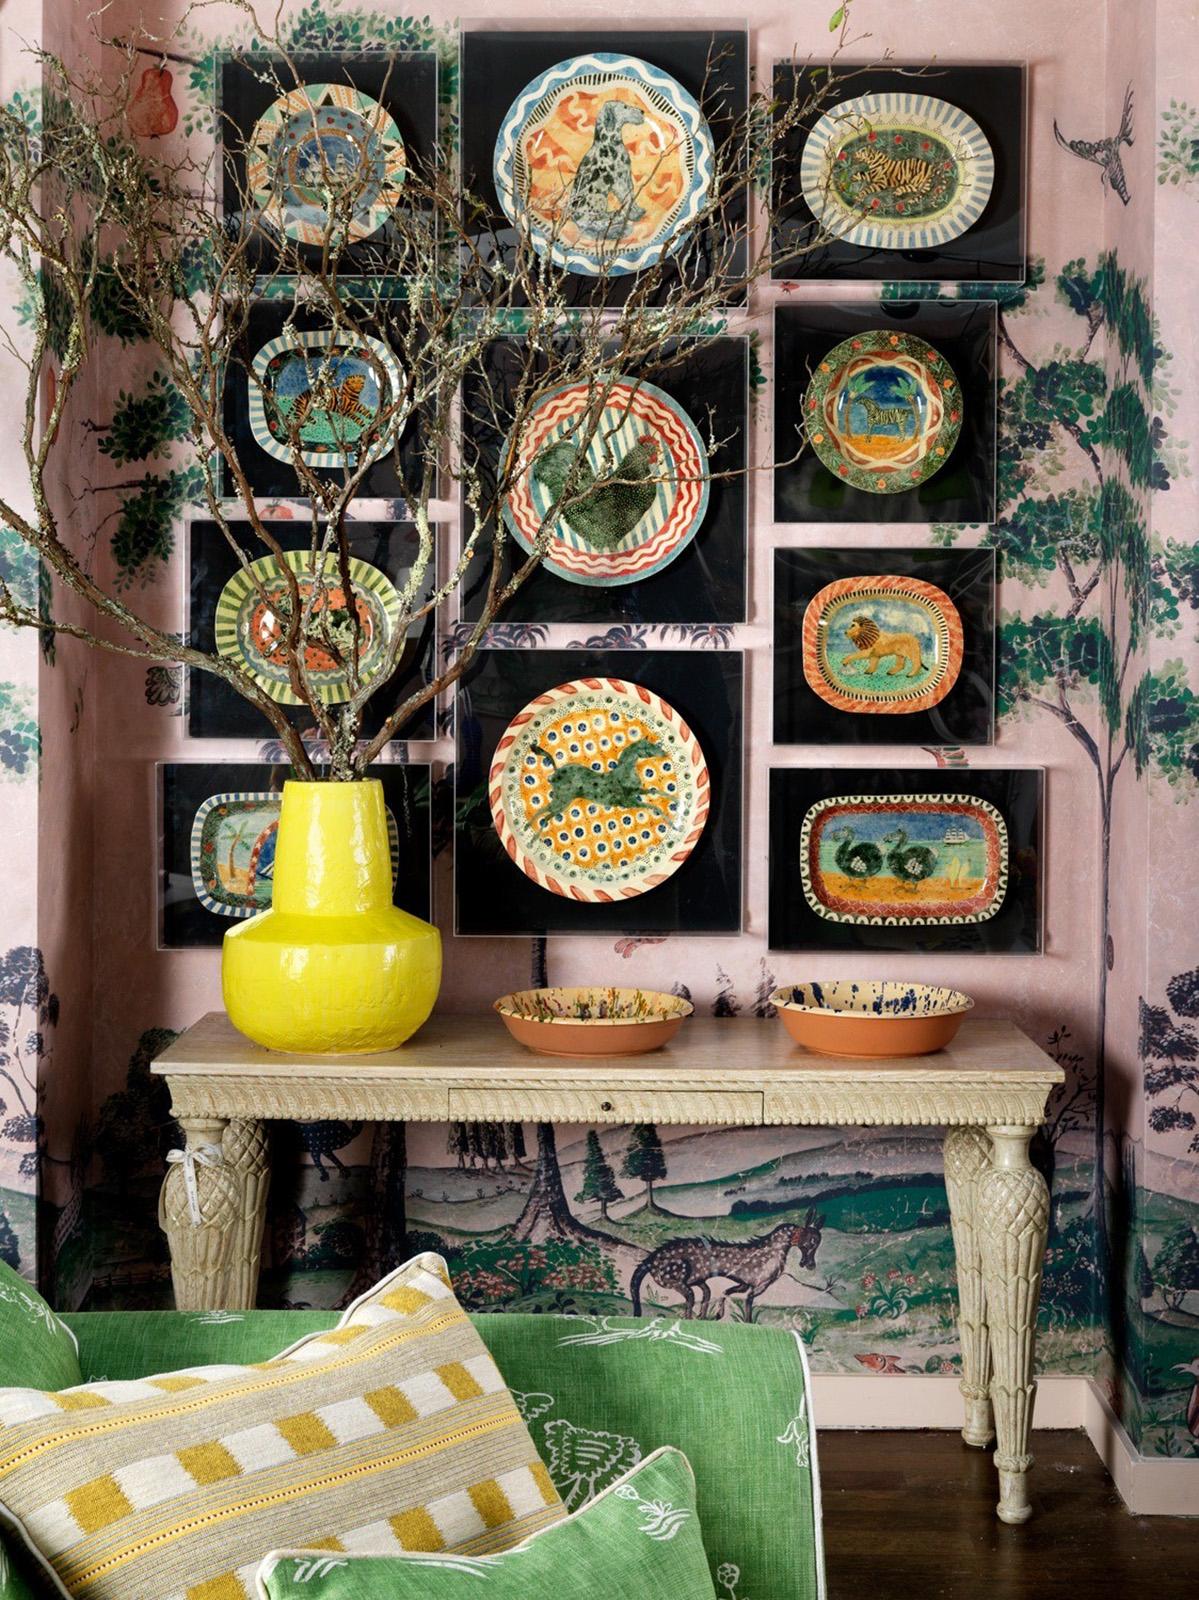 Un pop-up para no perderse… Kit Kemp, la famosa diseñadora de interiores inglesa, presenta su  mundo de decoración con colecciones exclusivas en Bergdorf Goodman, Nueva York, sólo durante el verano. (Suministrada)